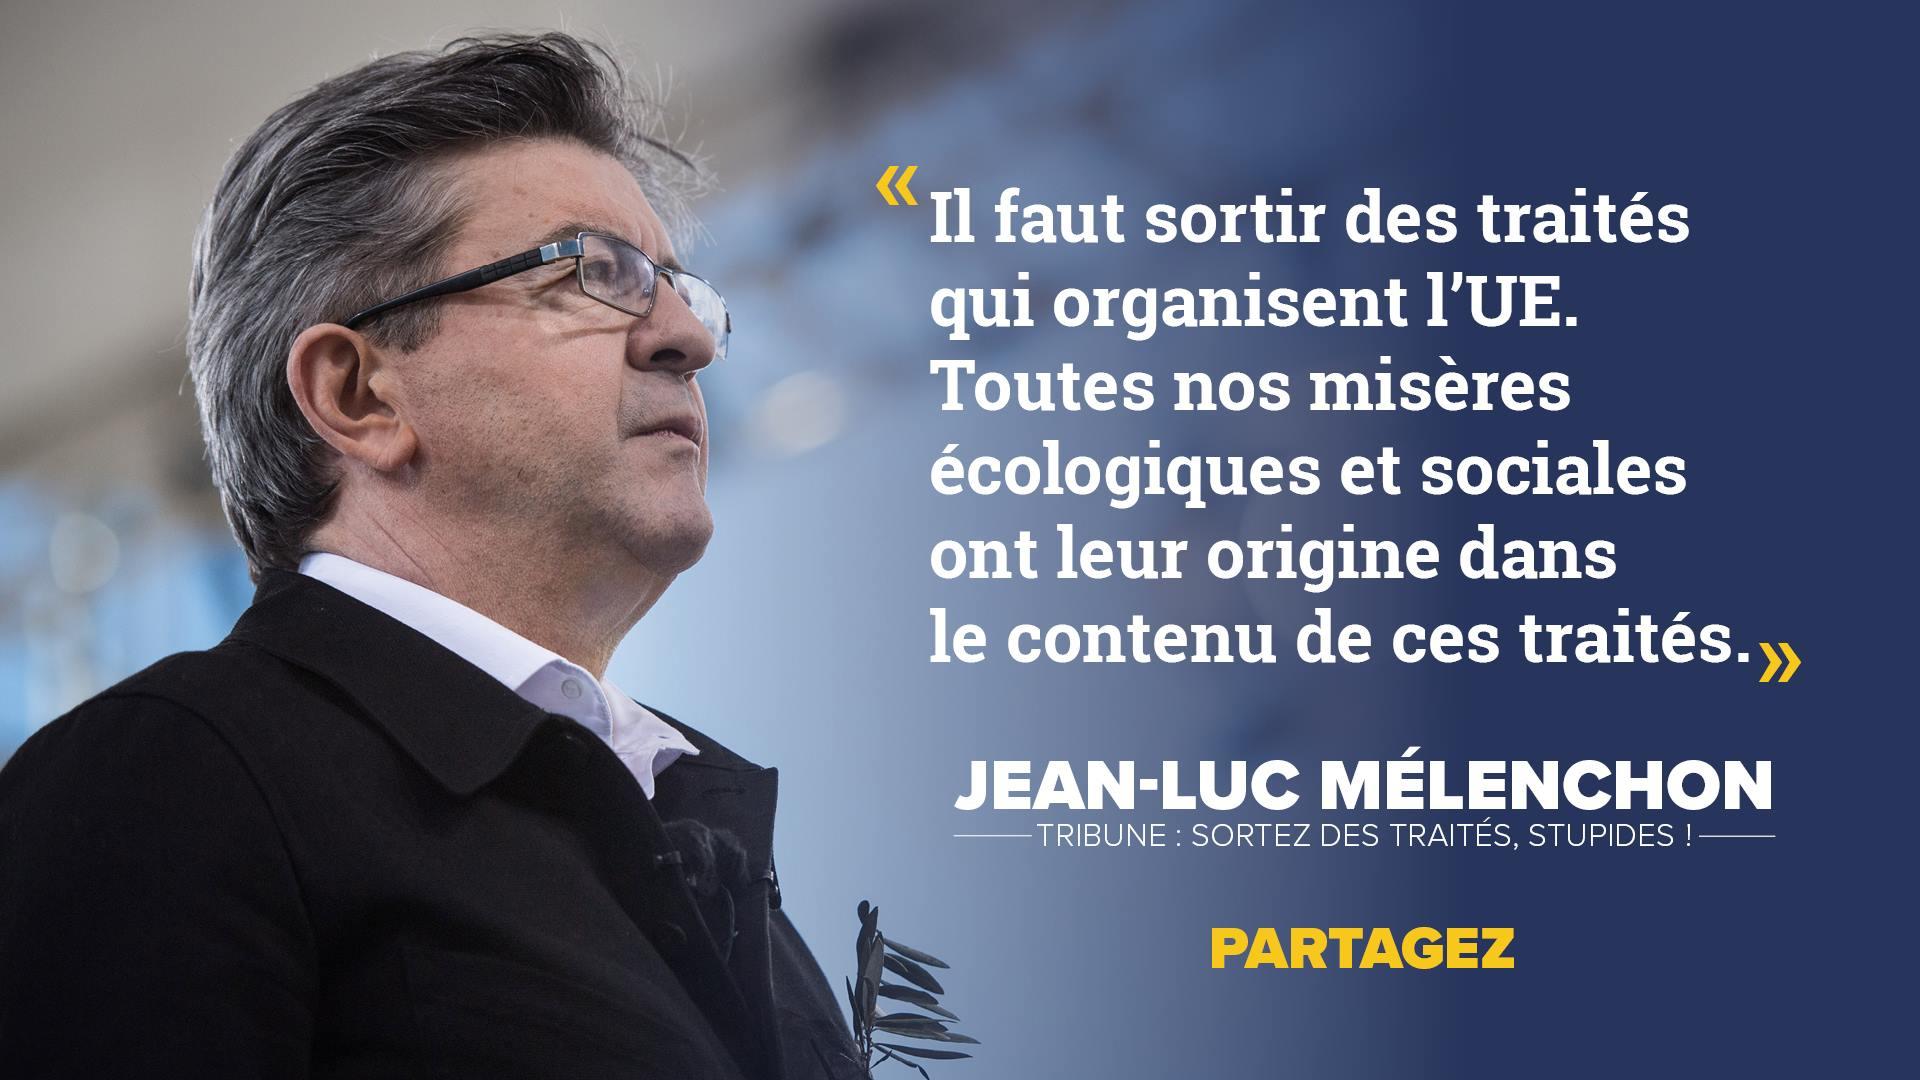 Sortez des traités, stupides ! - Tribune de Jean-Luc Mélenchon en réponse à Emmanuel Macron